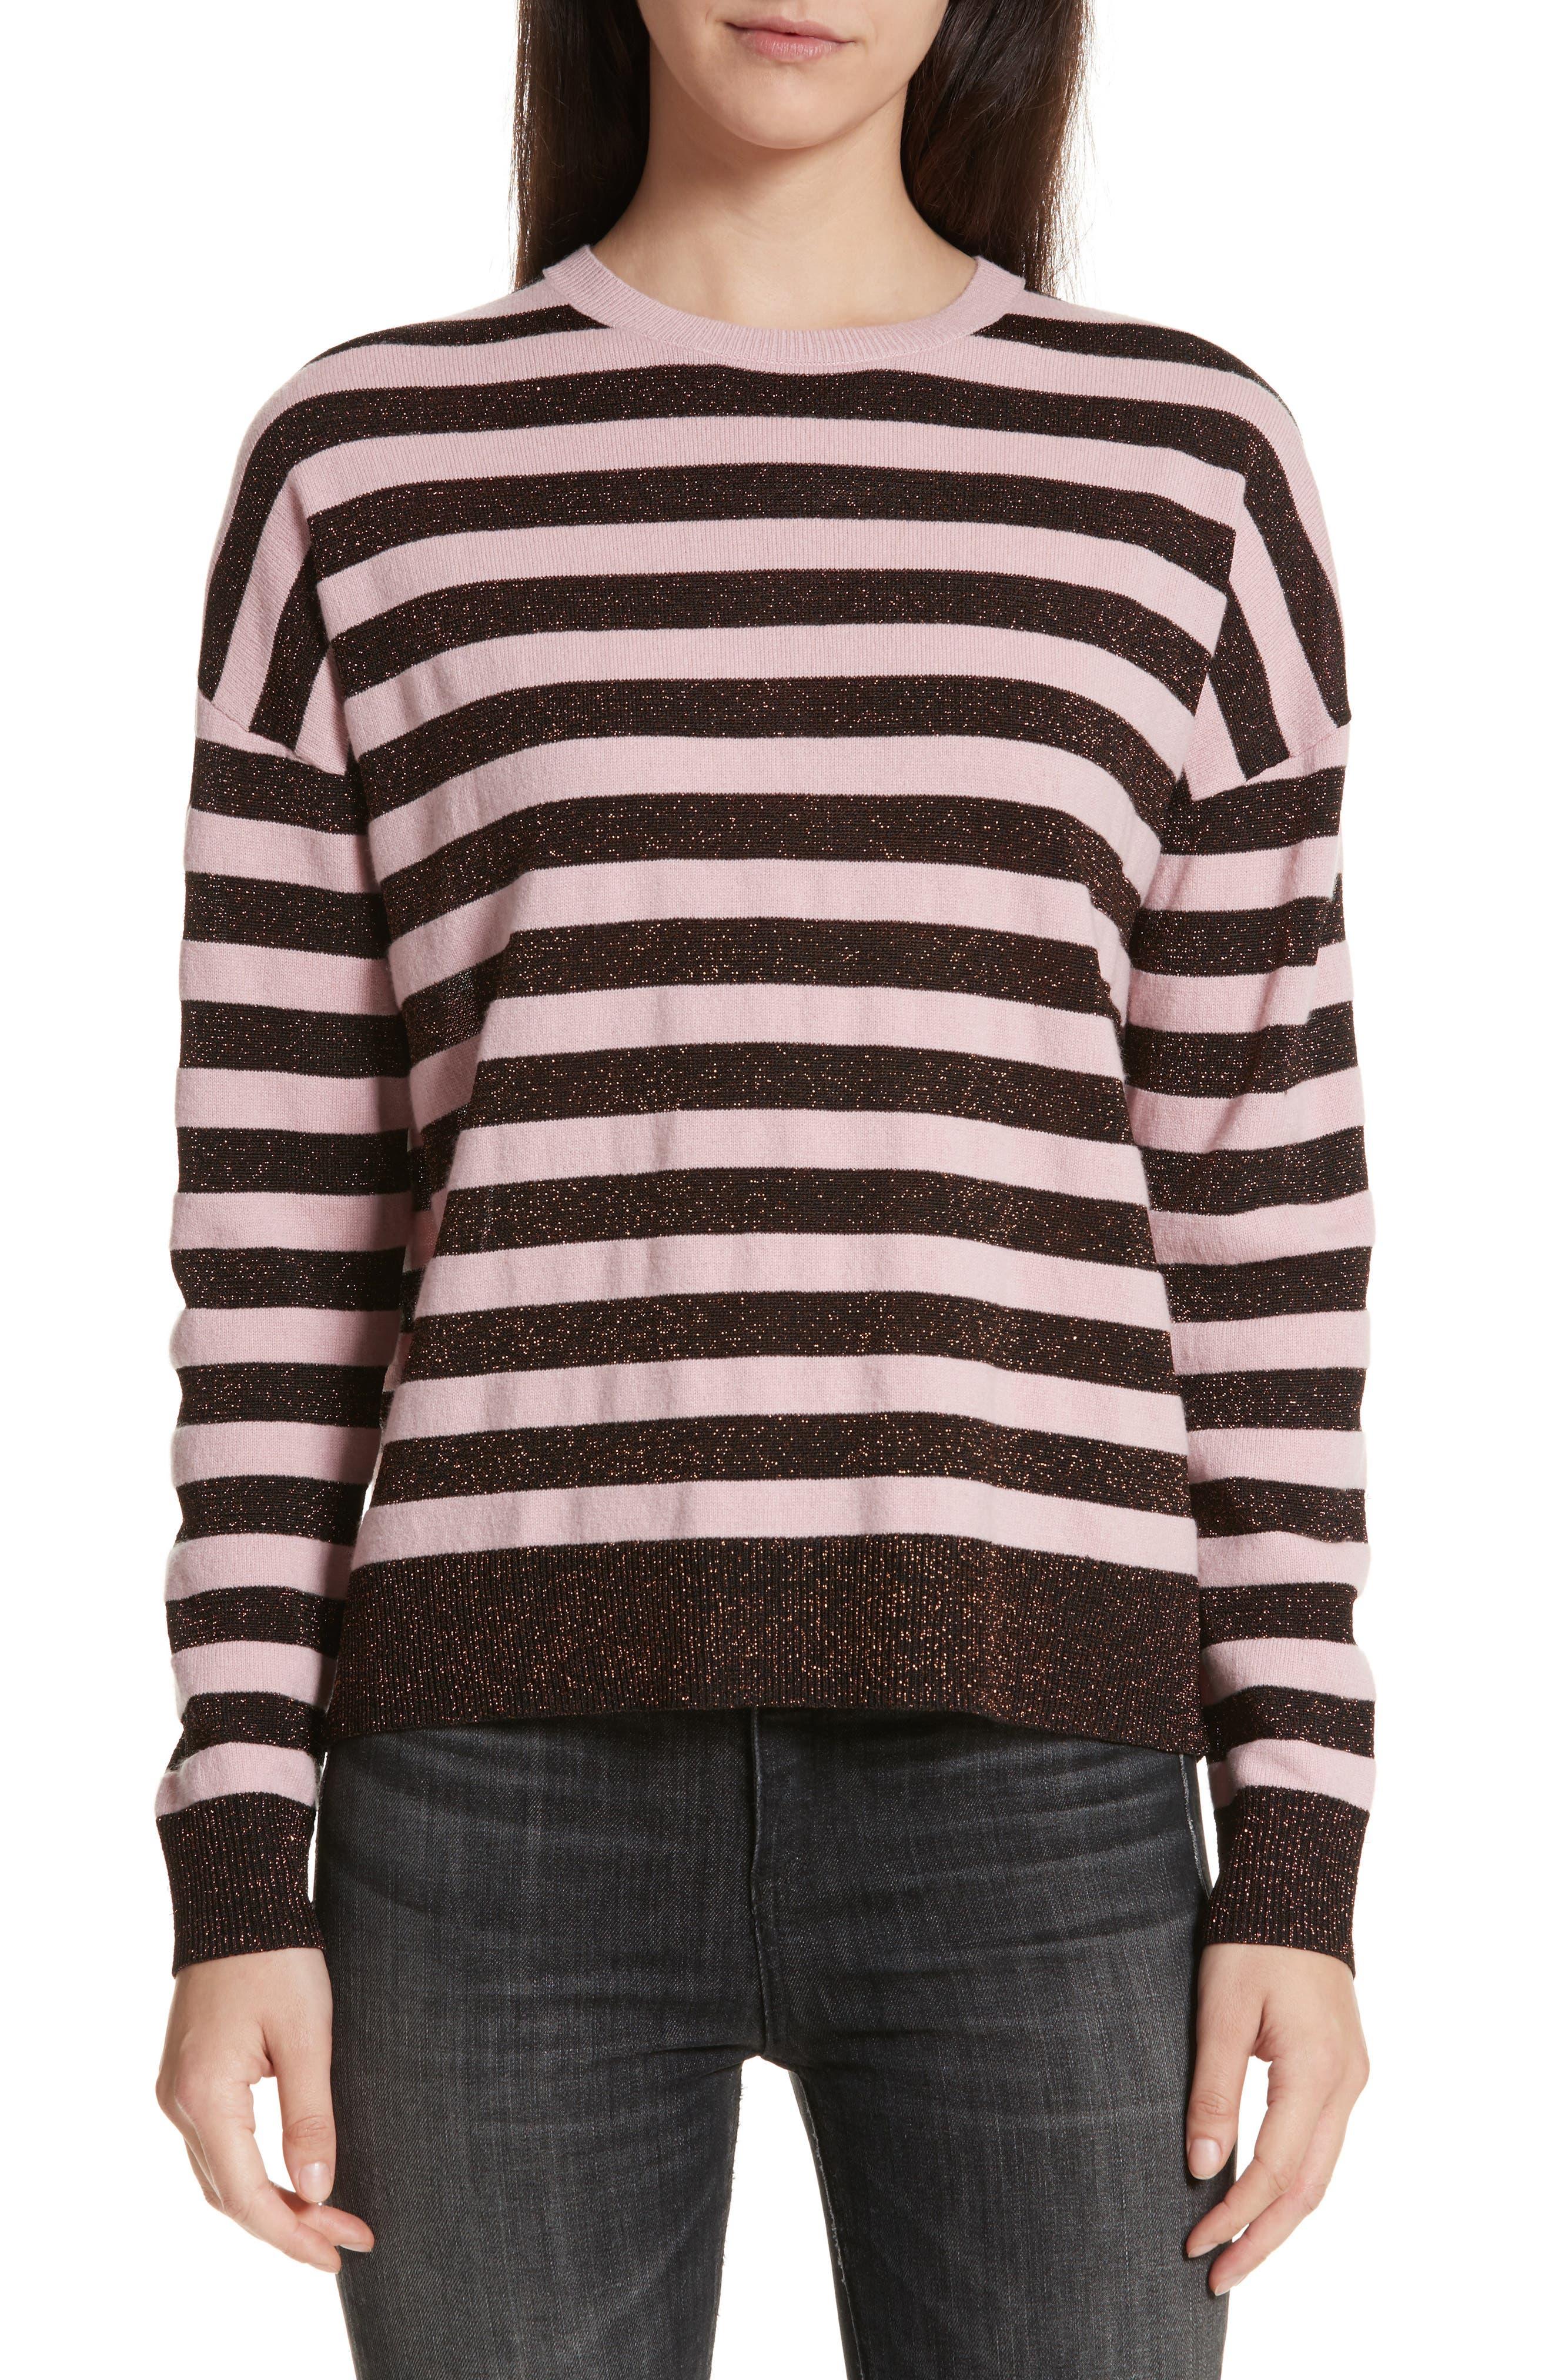 Alternate Image 1 Selected - rag & bone/JEAN June Sweater